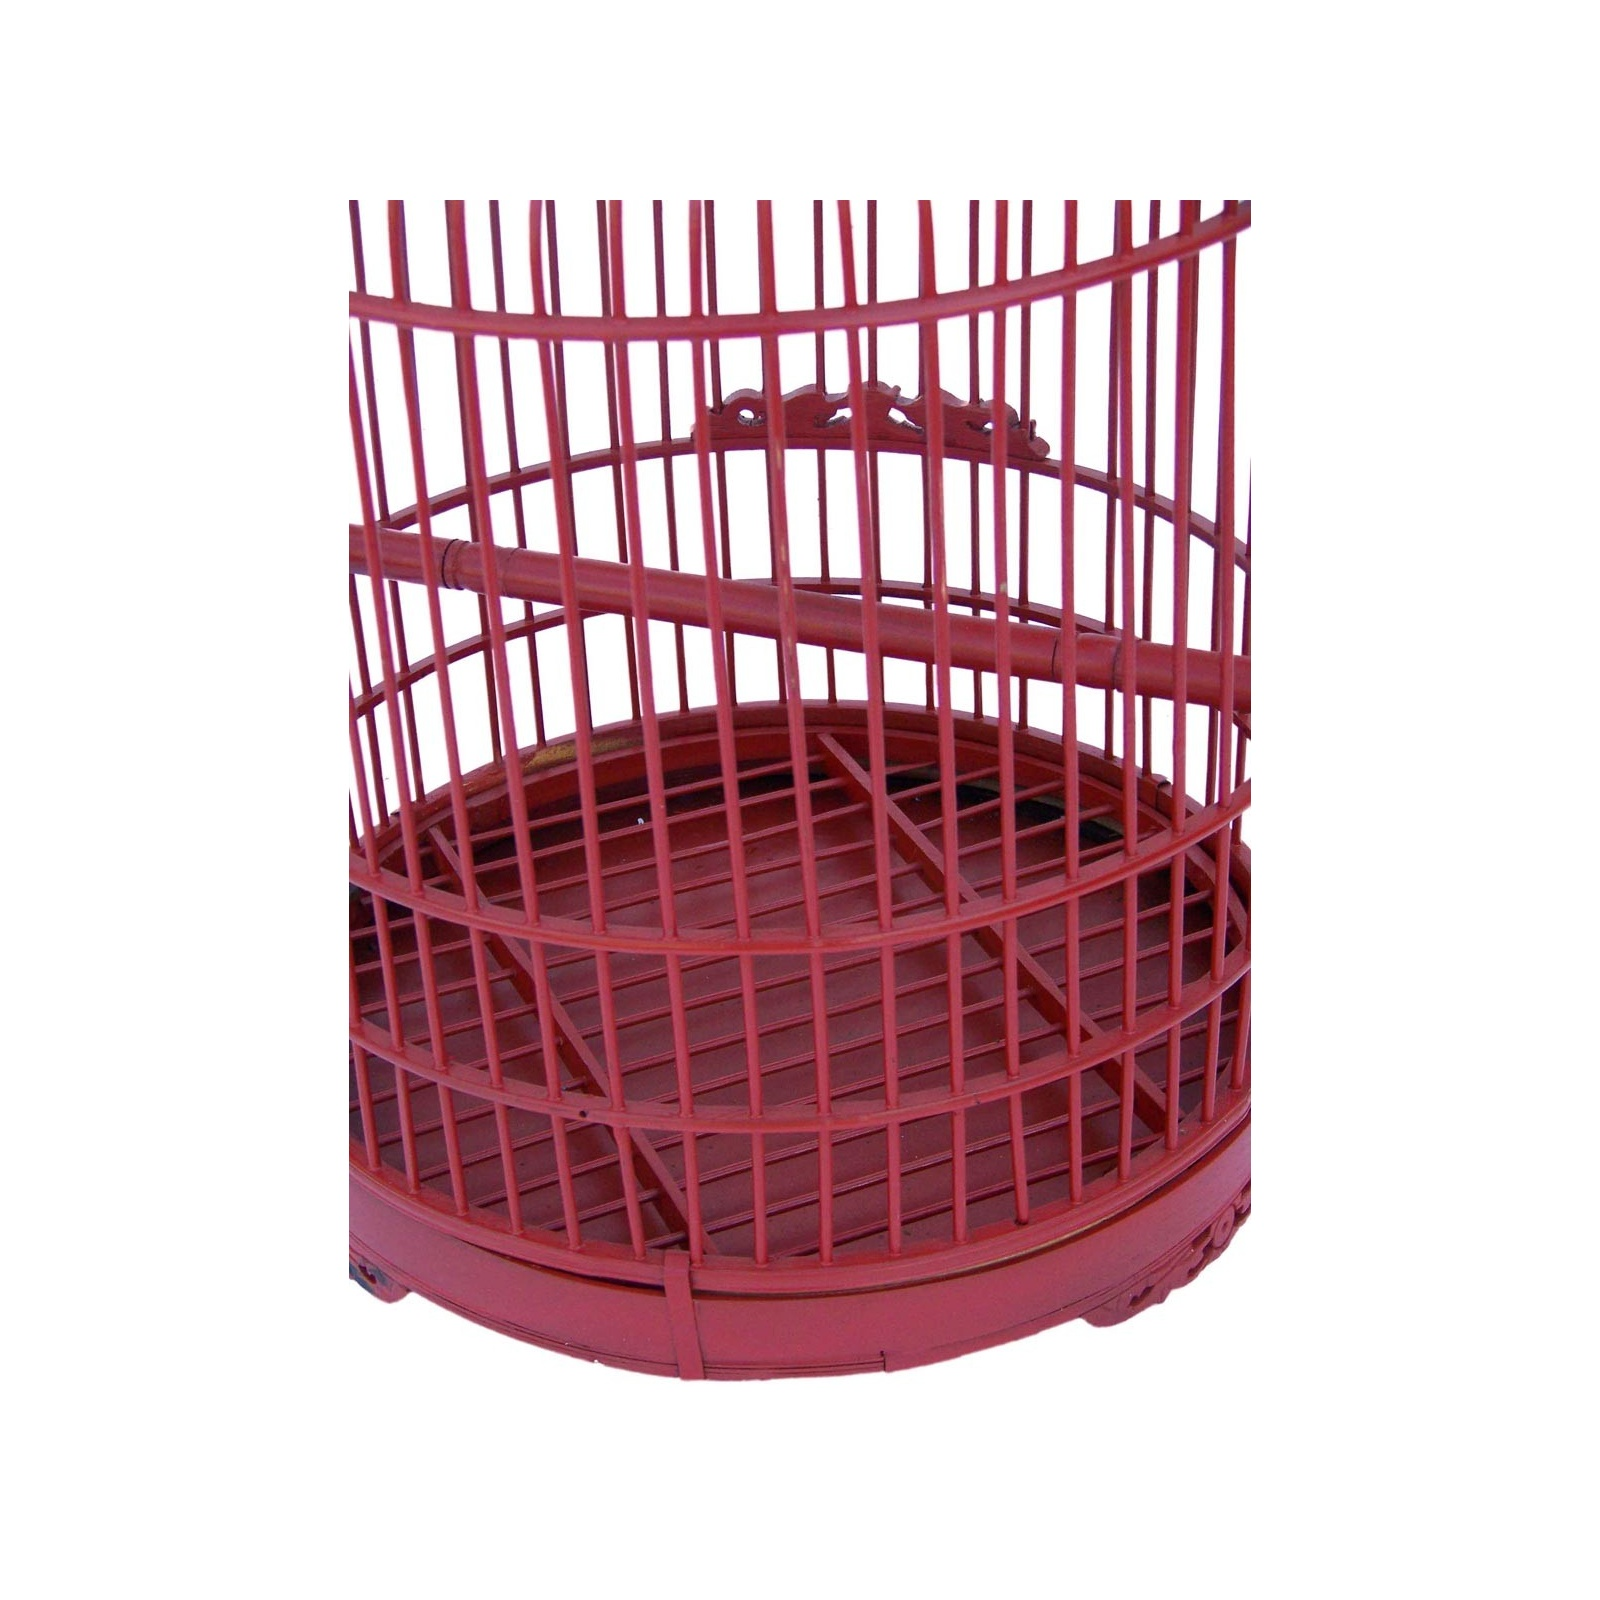 Cage oiseau jp2b d coration - Cage oiseau decoration ...